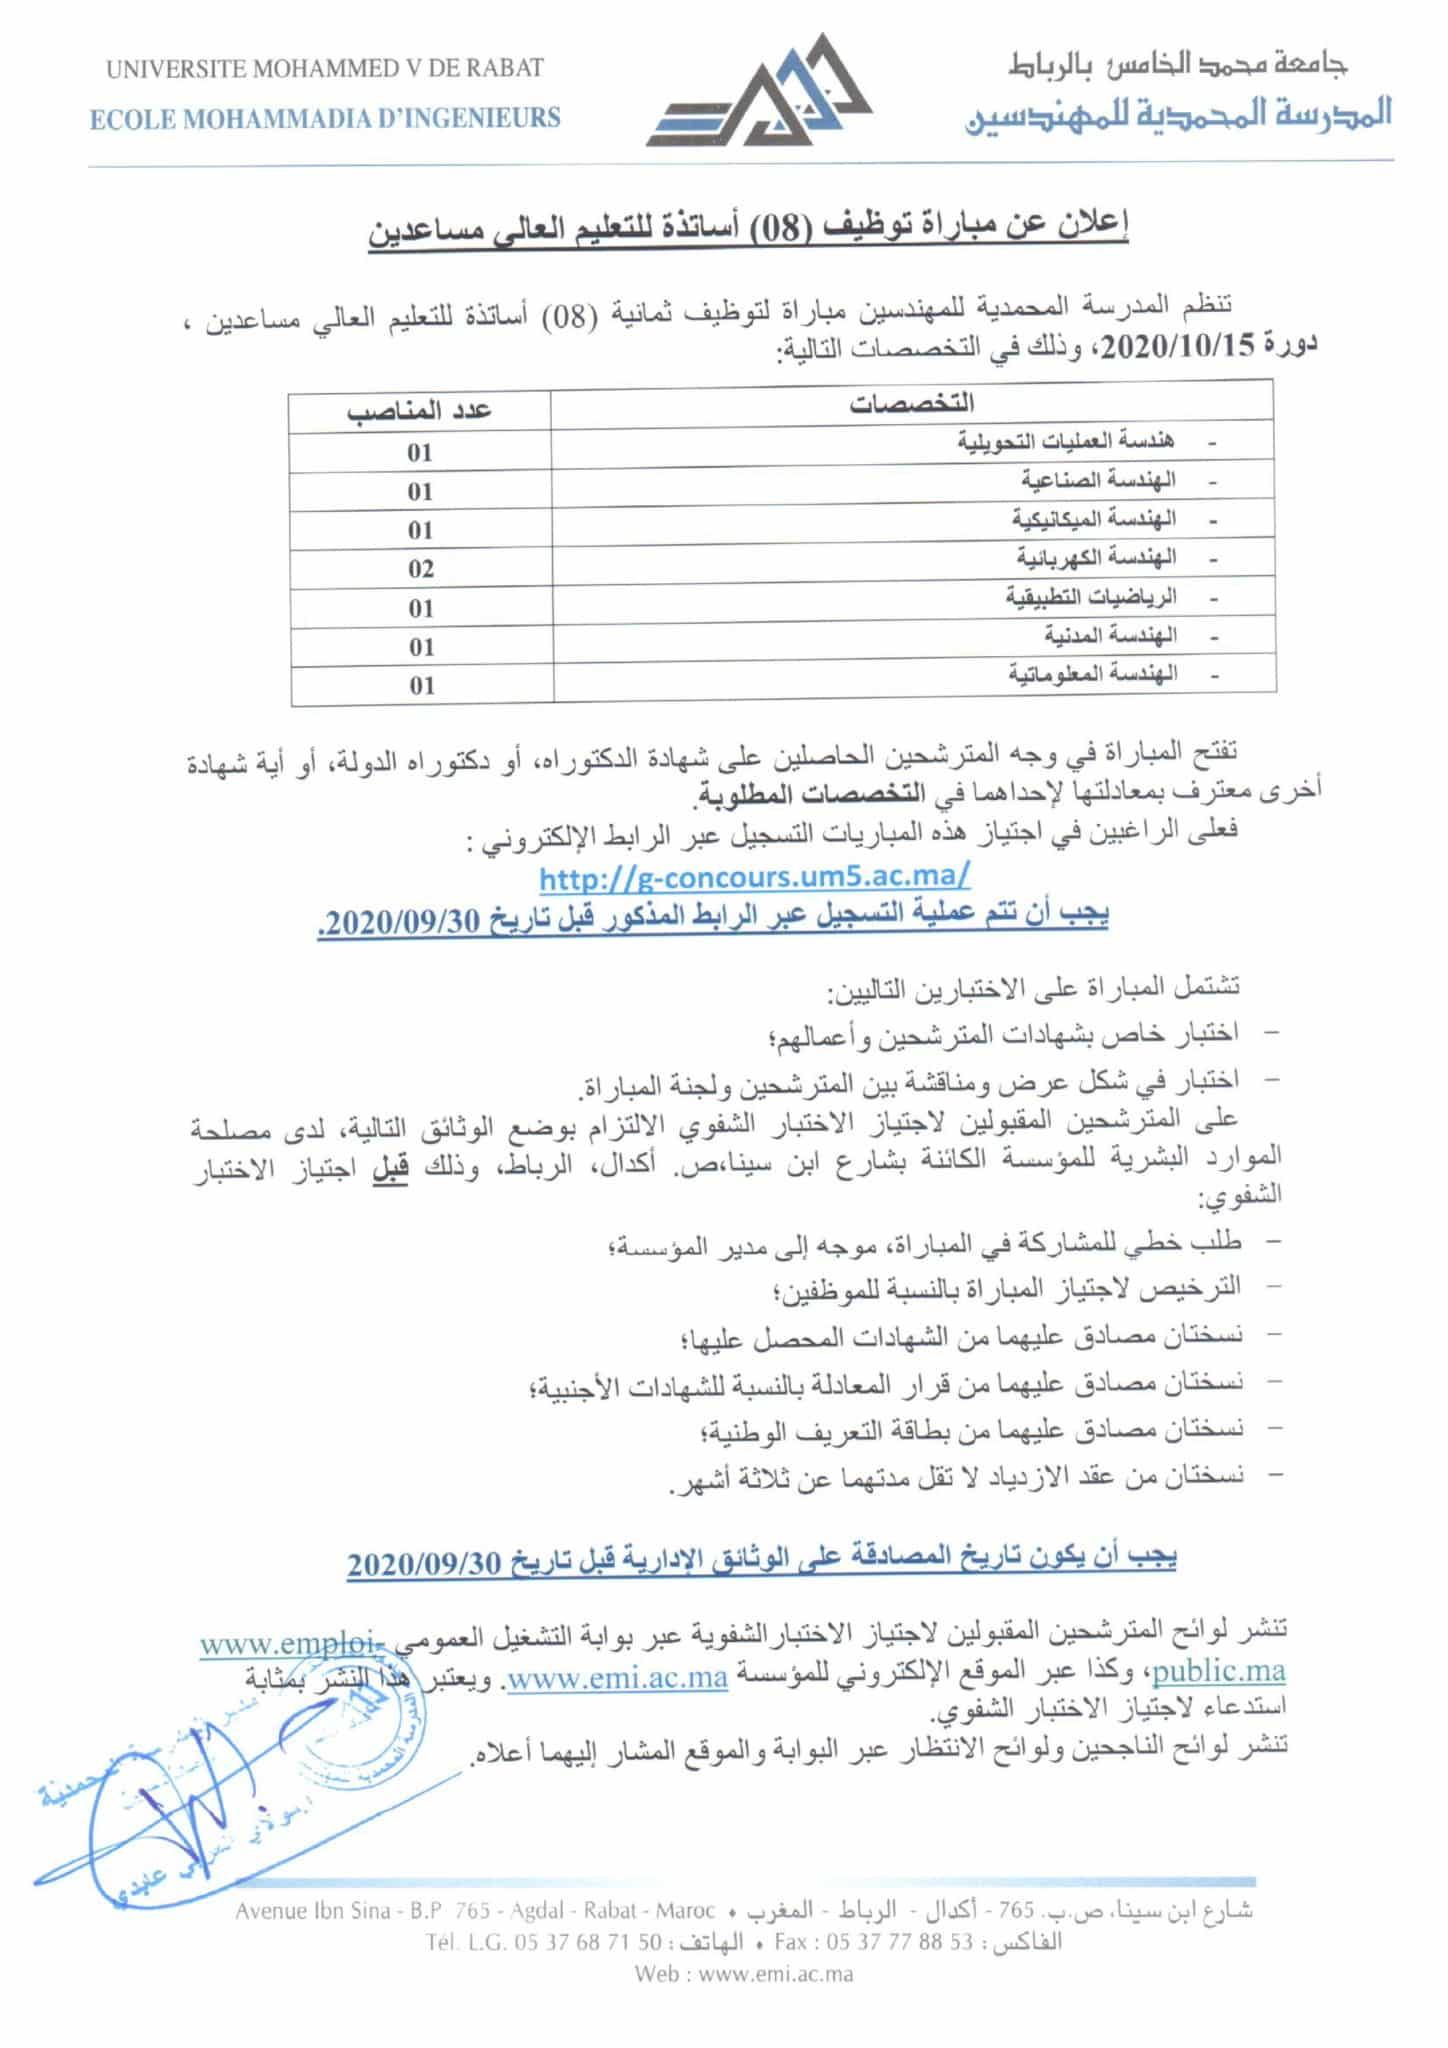 Avis de concours de recrutement de PA Session du 15 10 2020 2 scaled Concours Ecole Mohammadia d'Ingénieurs (8 Postes)